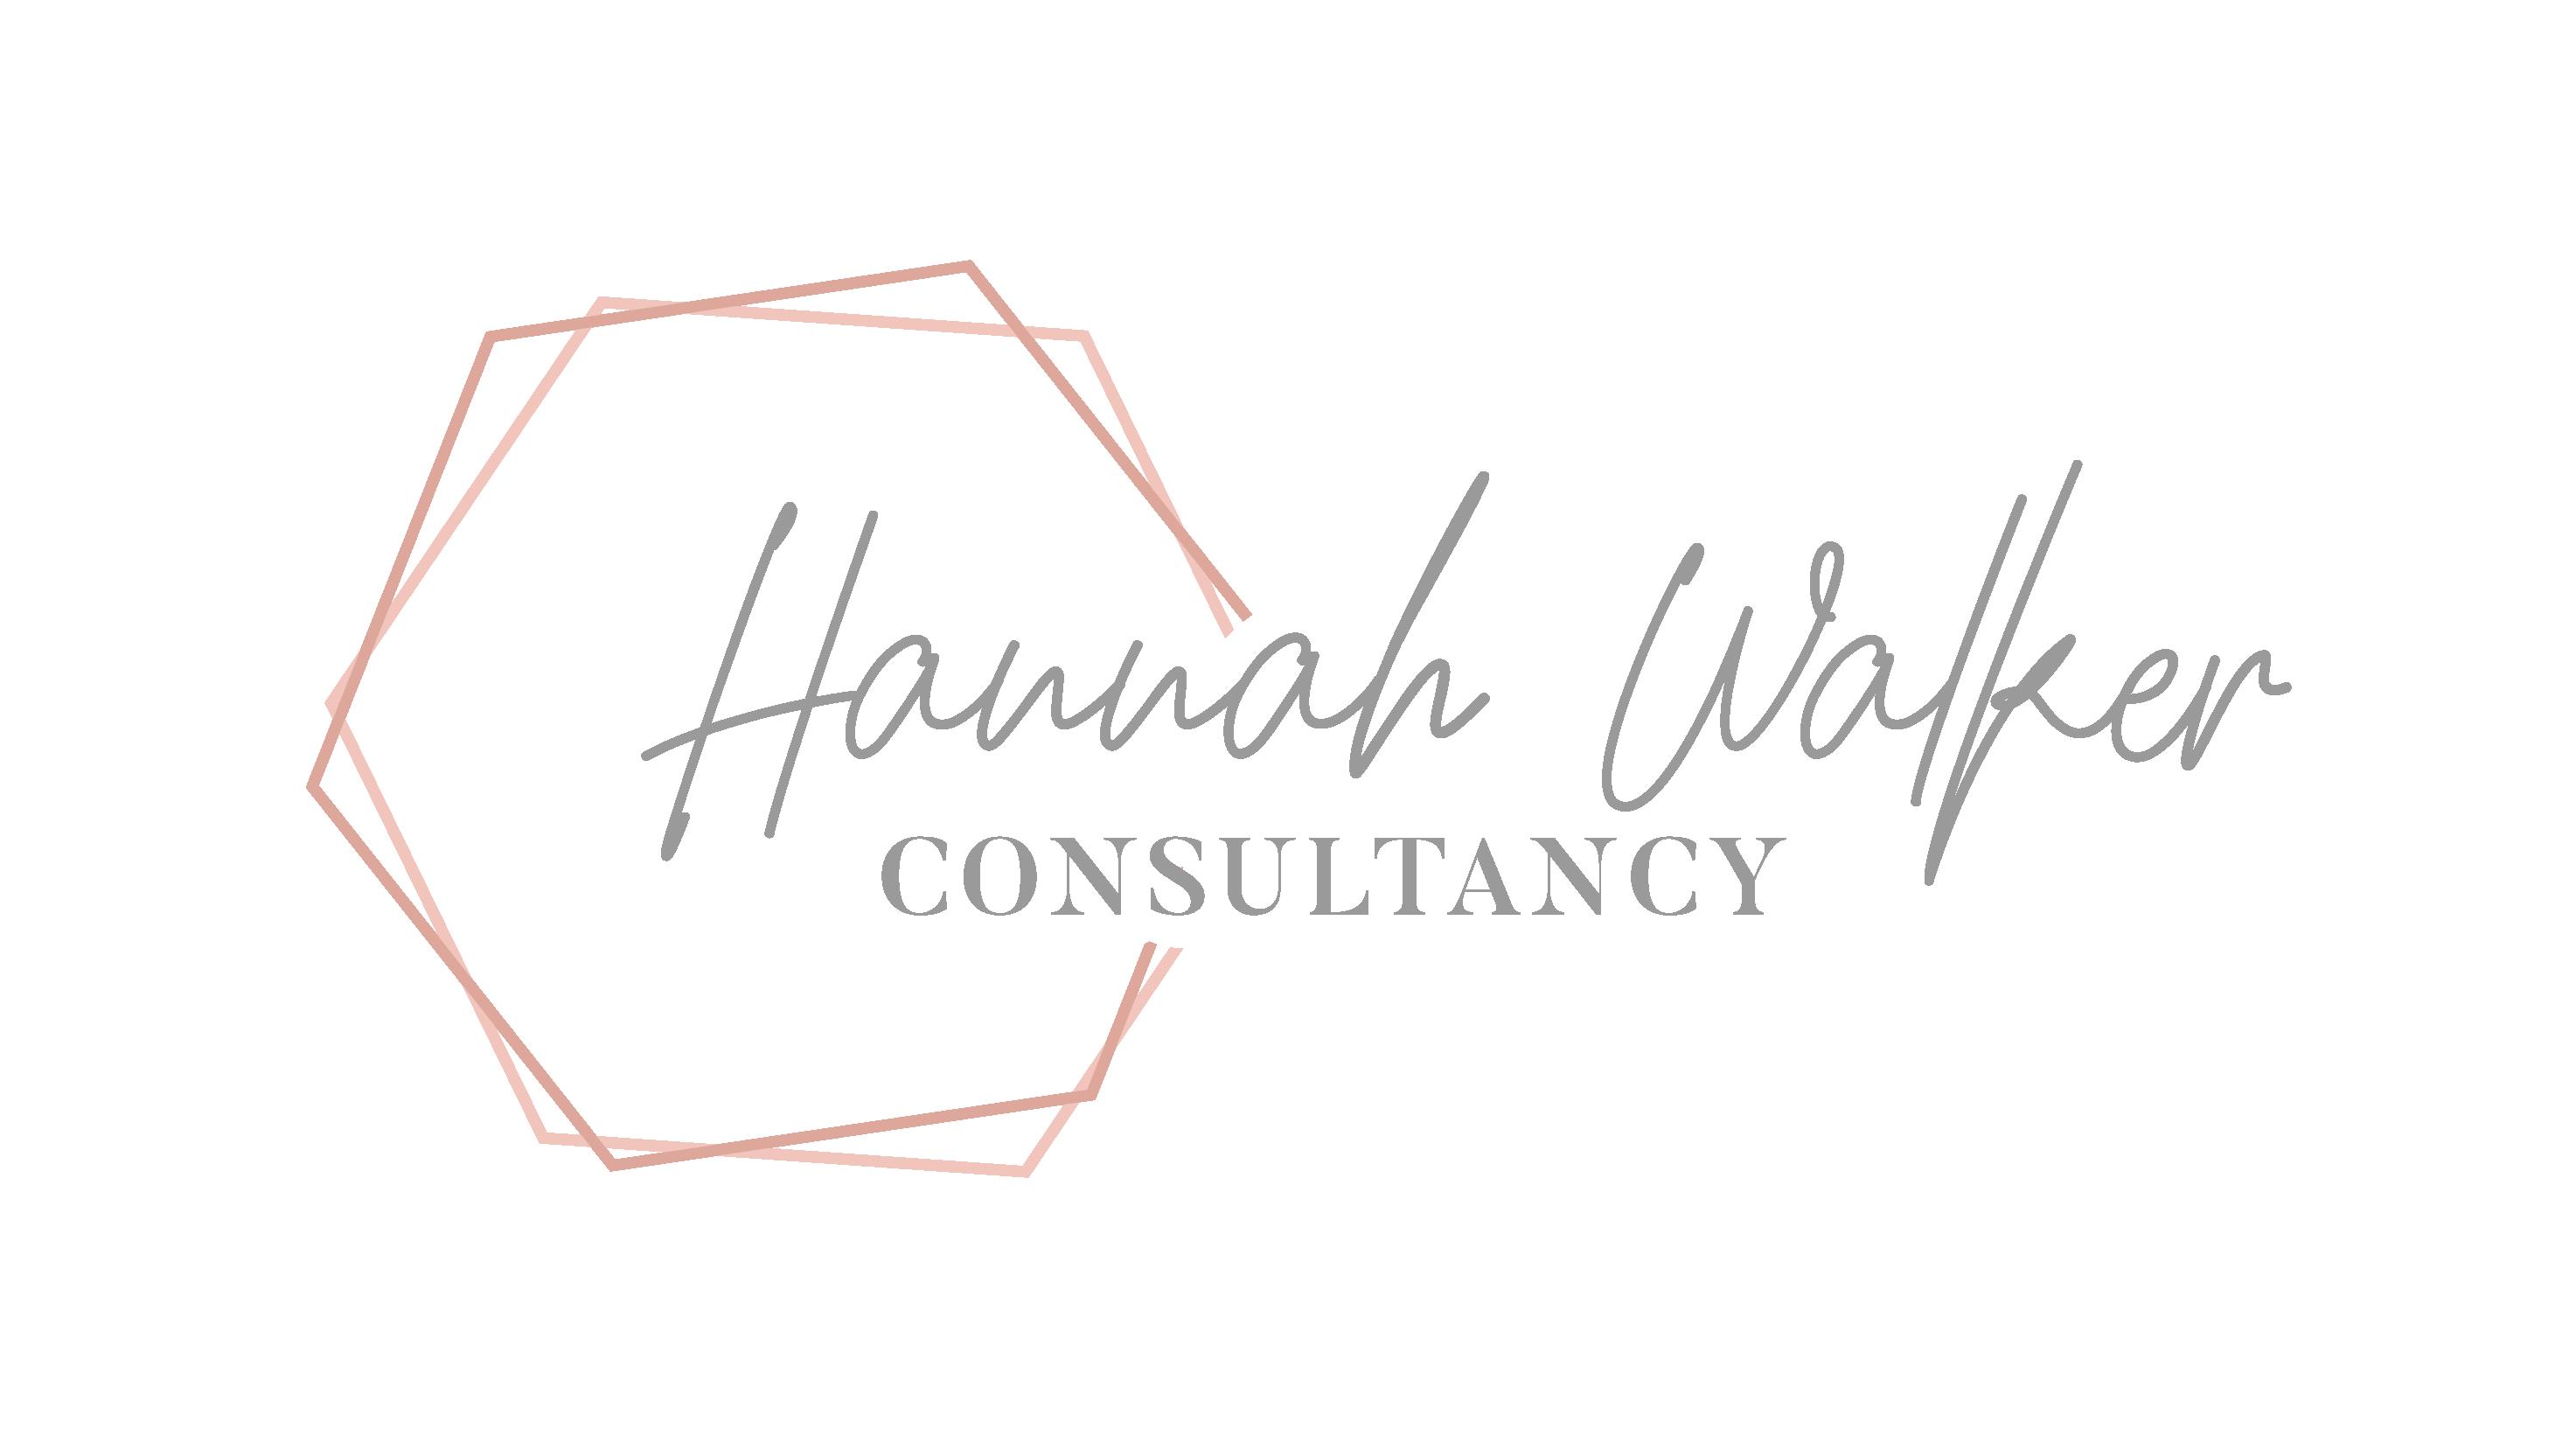 Hannah Walker Consultancy